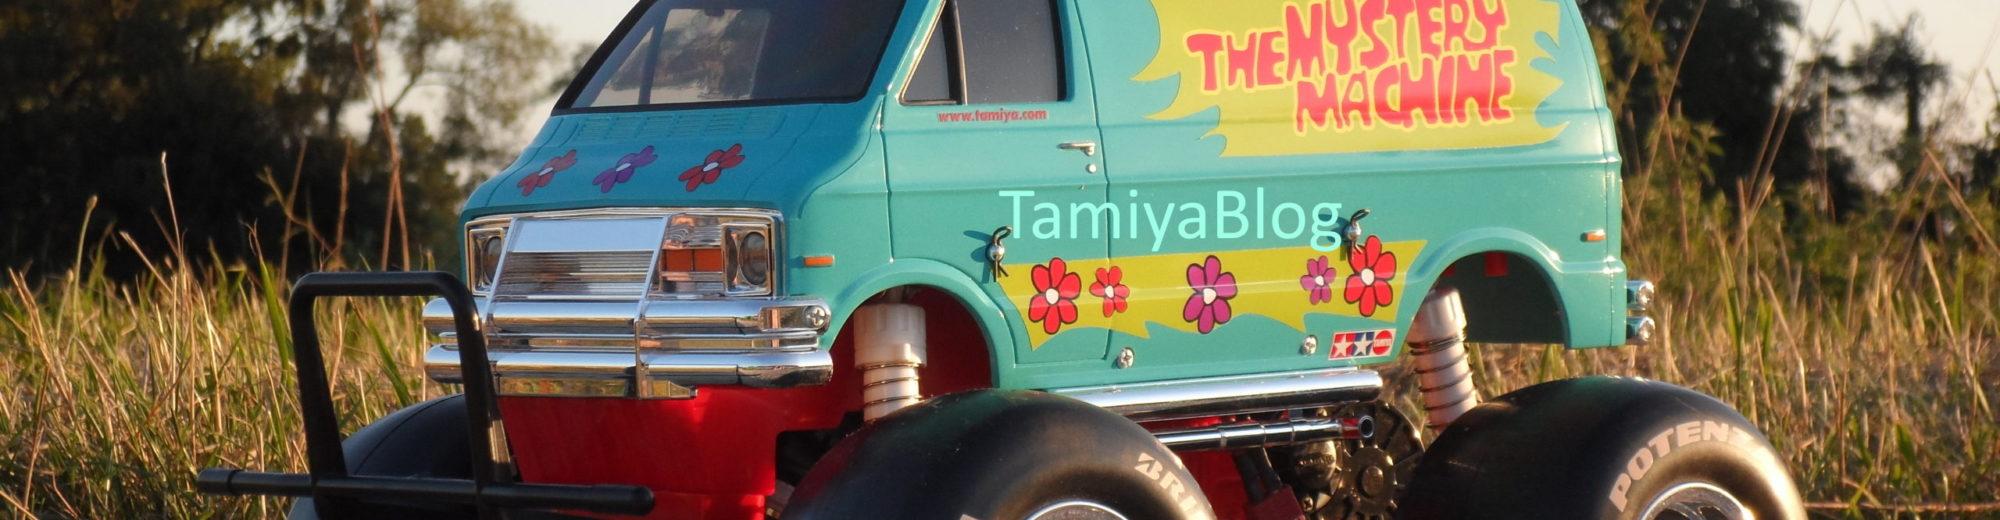 TamiyaBlog